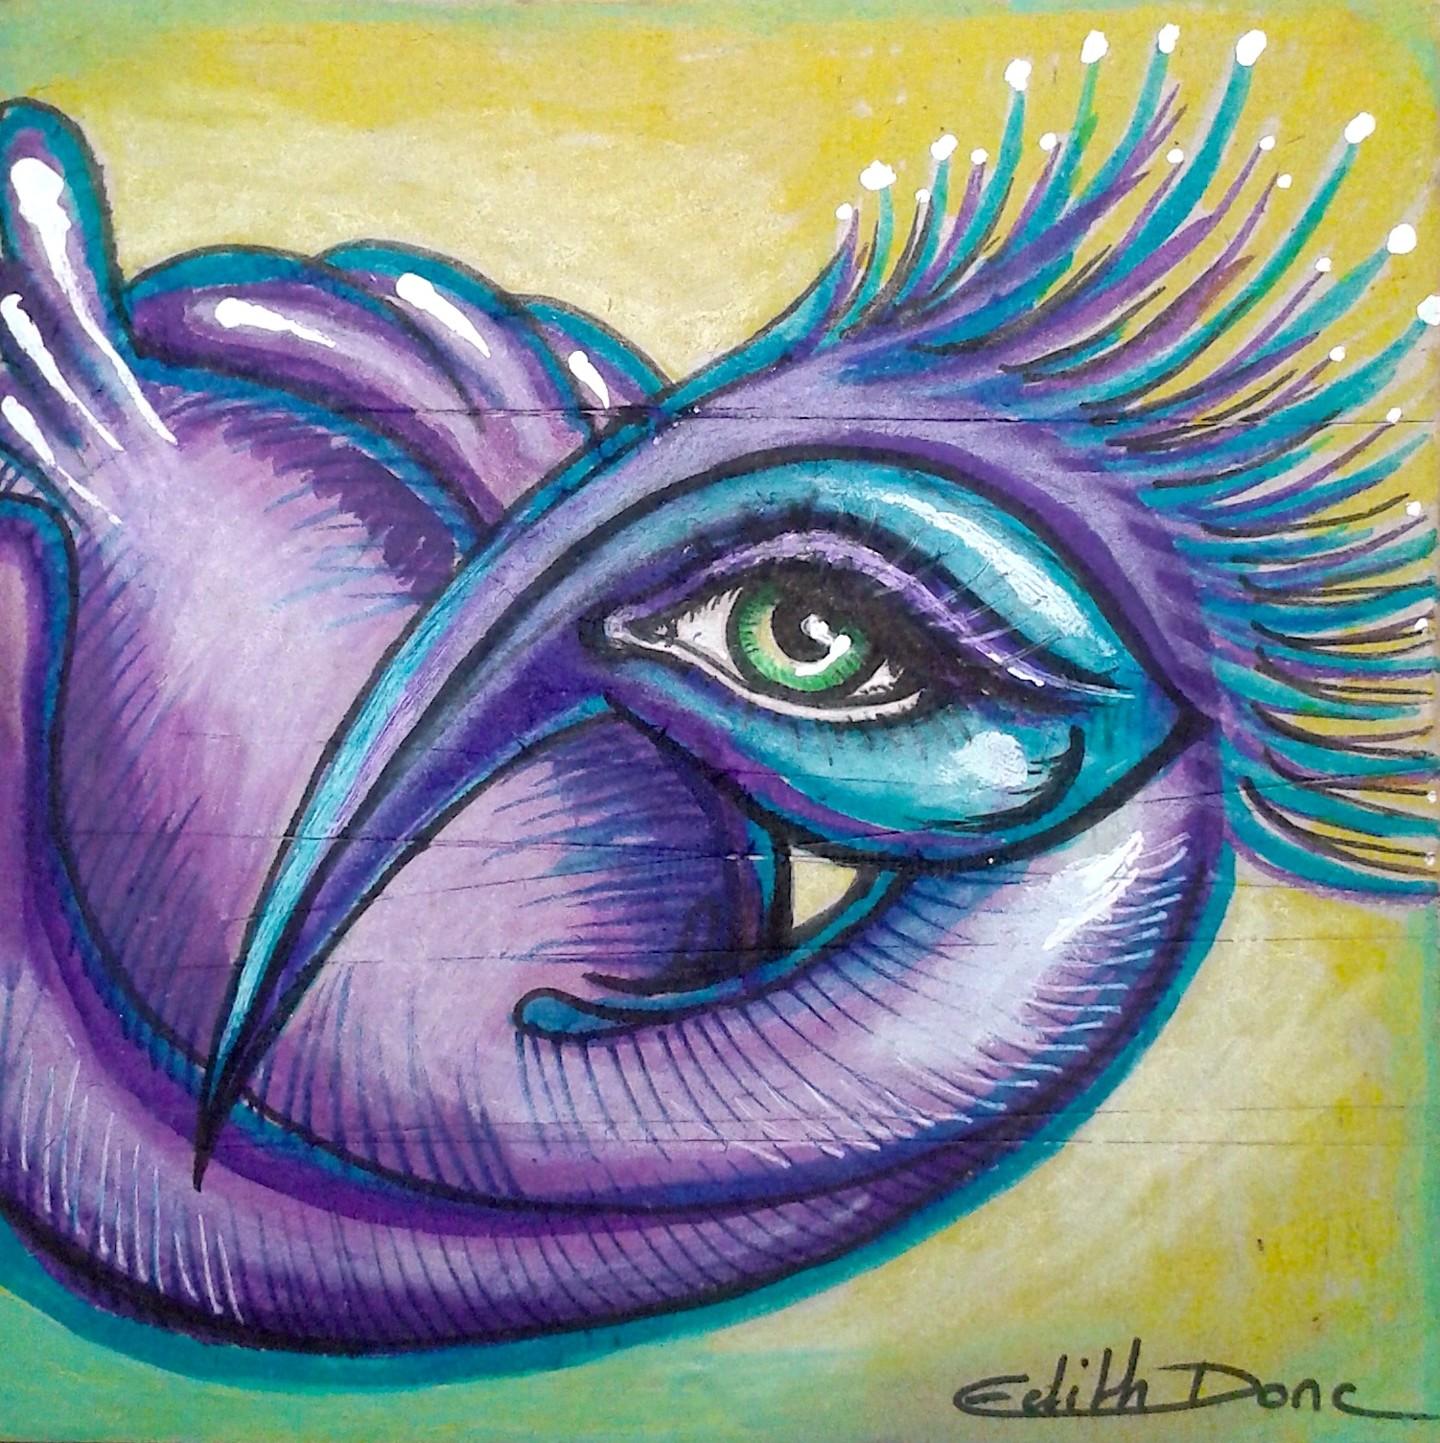 Edith Donc - Doucette